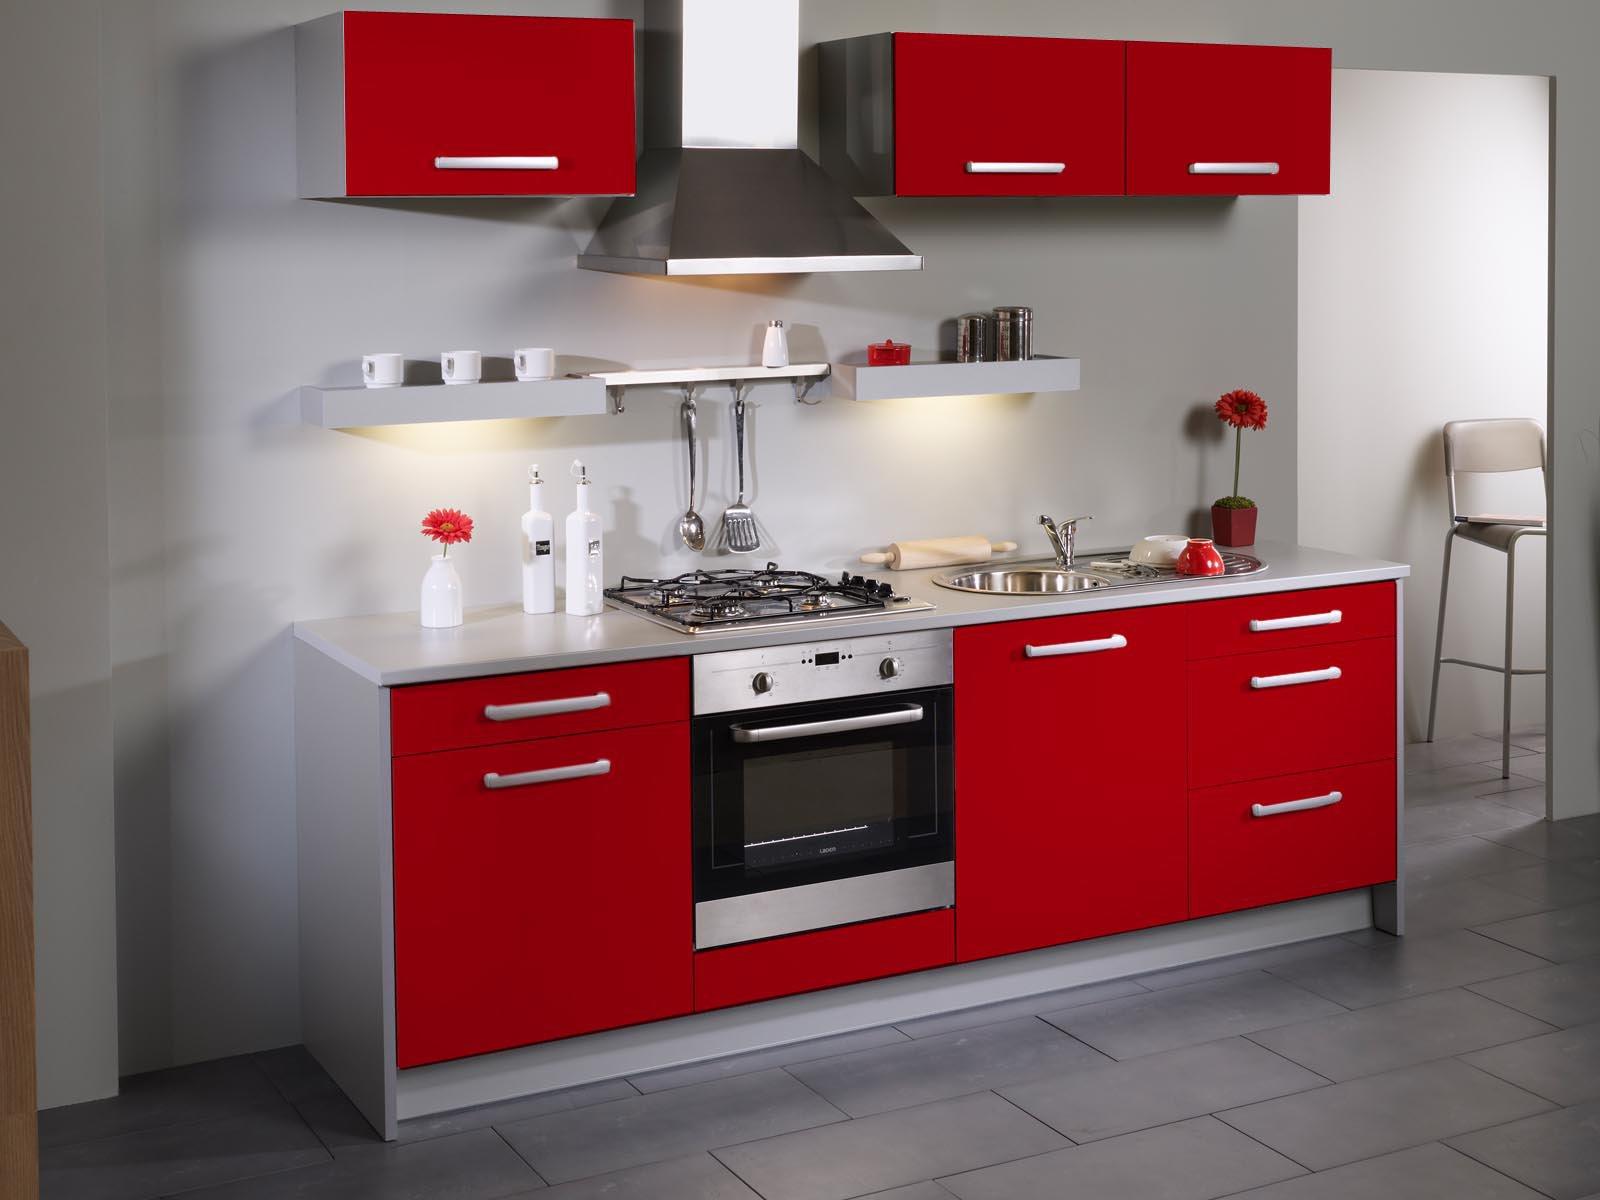 Meuble de cuisine rouge pas cher tout sur la cuisine et le mobilier cuisine - Tout pour la cuisine pas cher ...